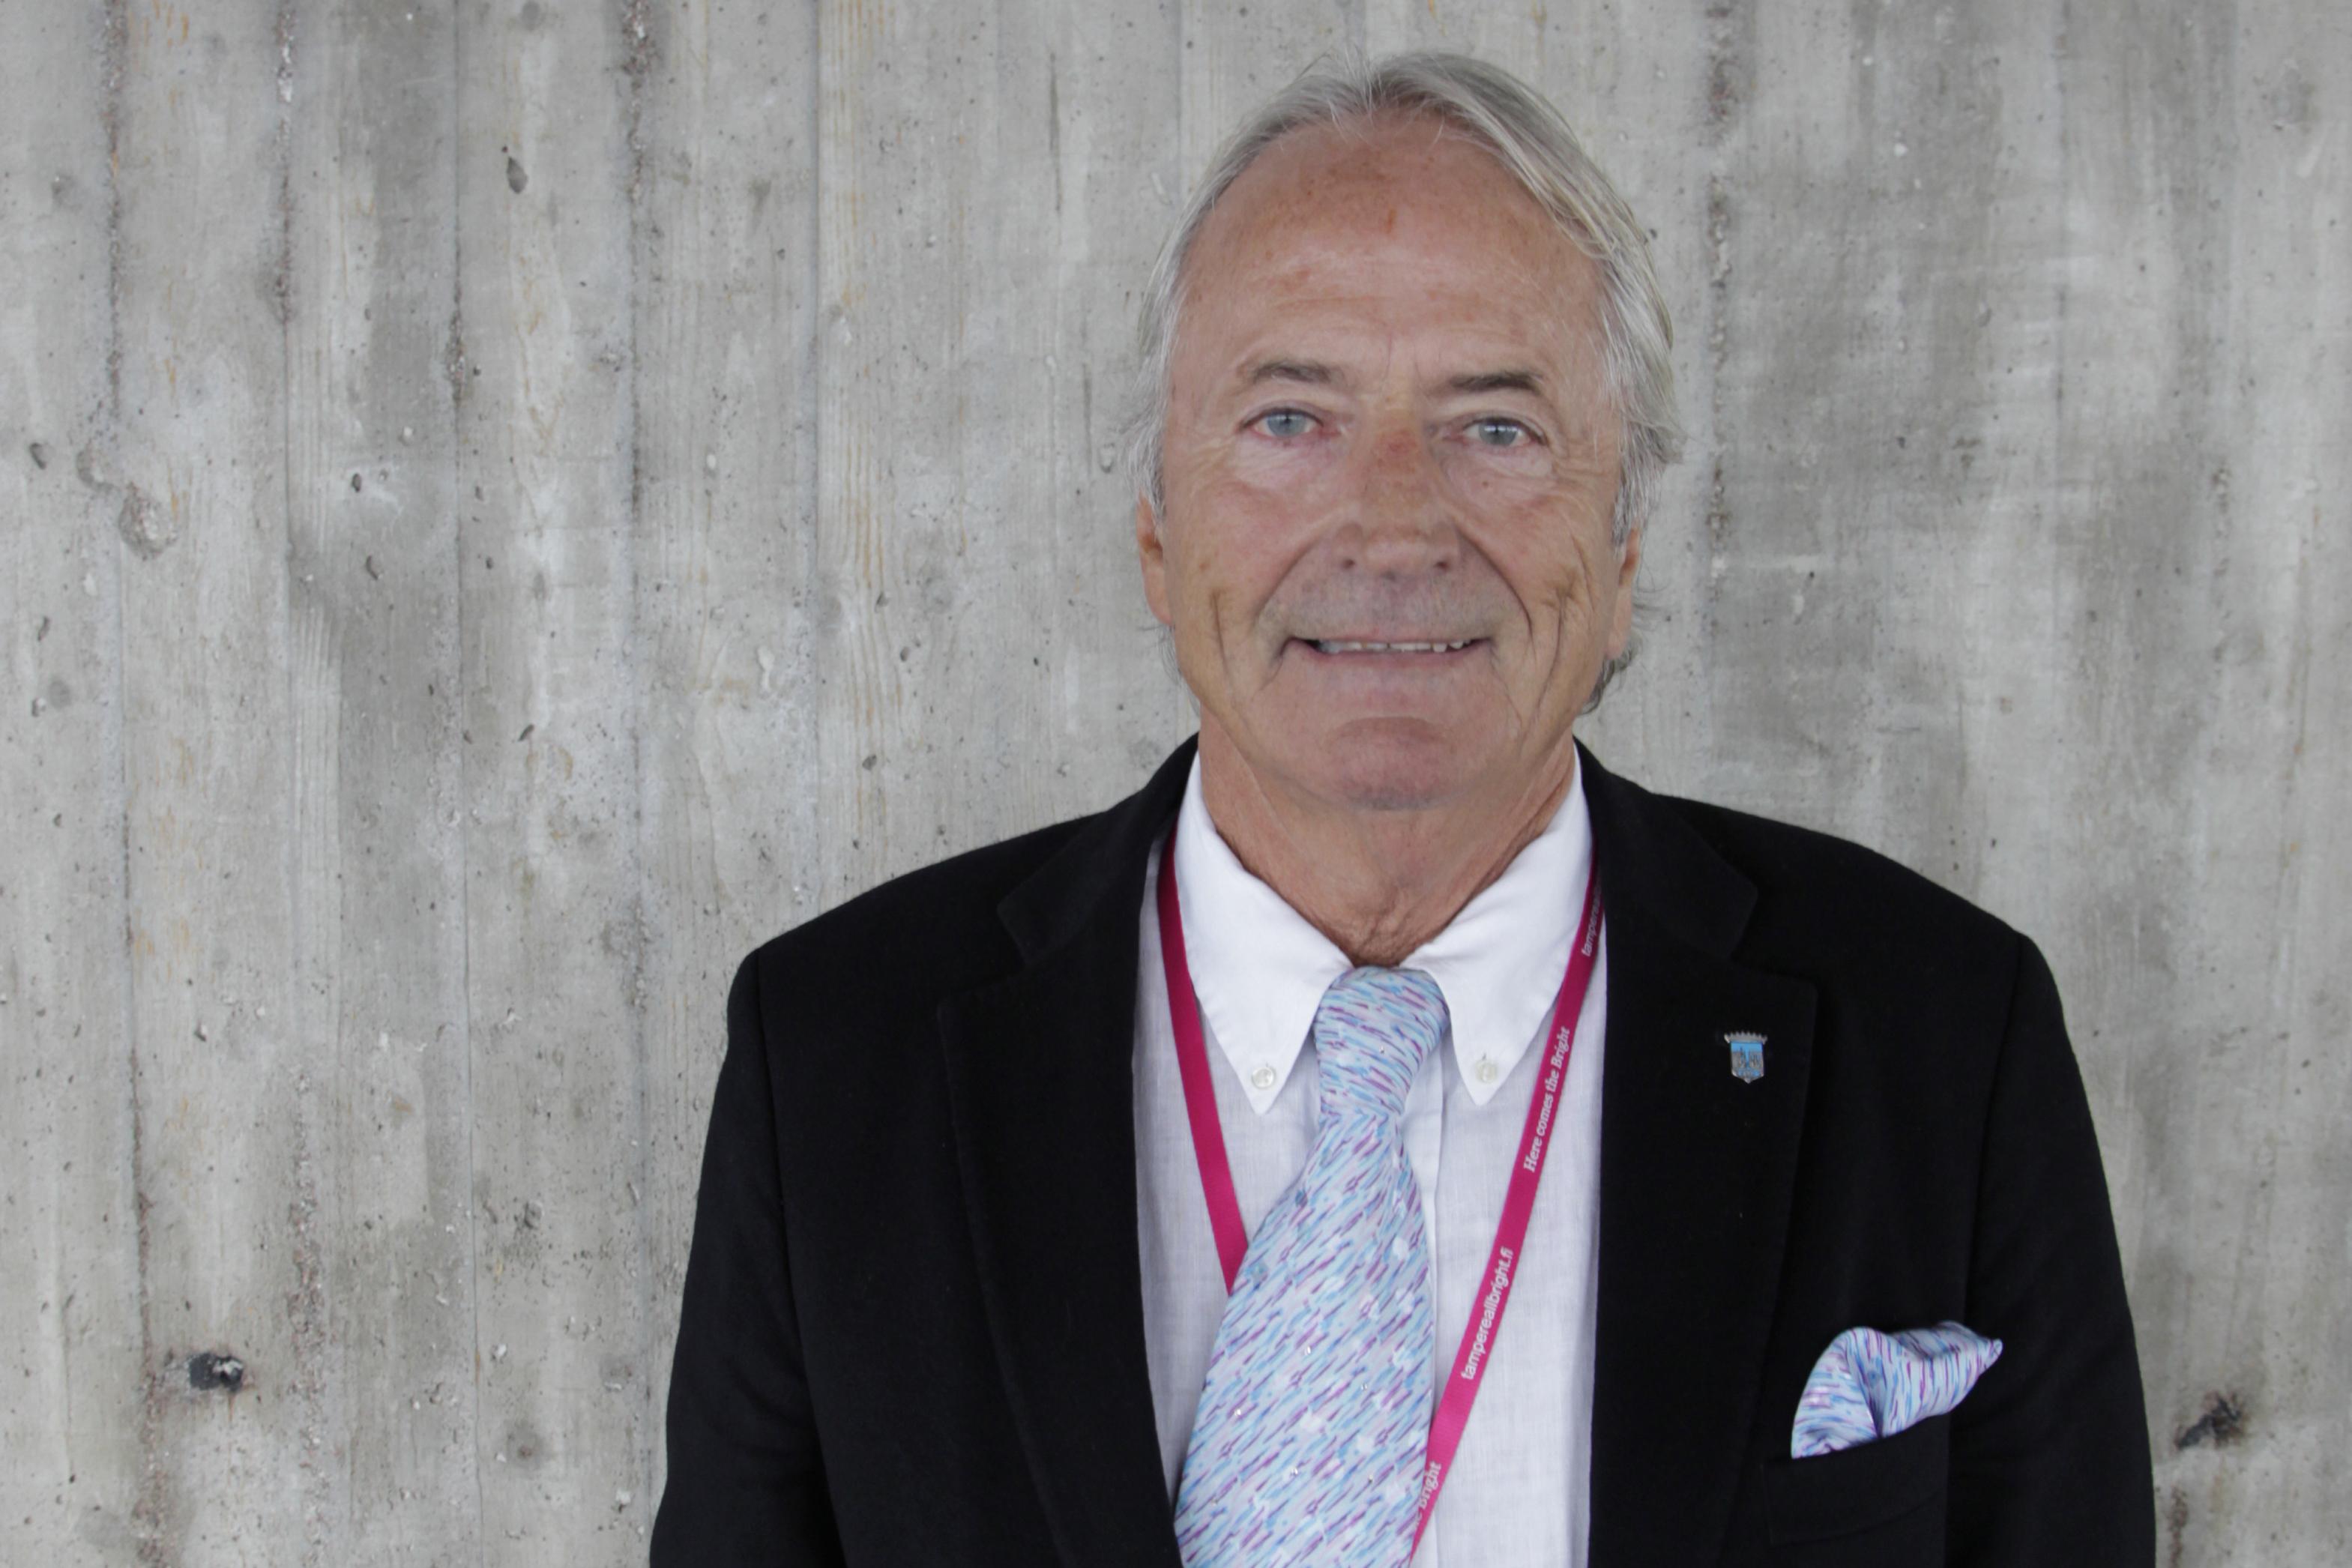 Lang og tro tjeneste. Harald Setsaas har vært konsul under åtte finske ambassadører i løpet av sine 31 år som konsul. Setsaas og hans far før ham har vært honorære konsuler i Finlands tjeneste i mer enn 50 år sammenlagt.